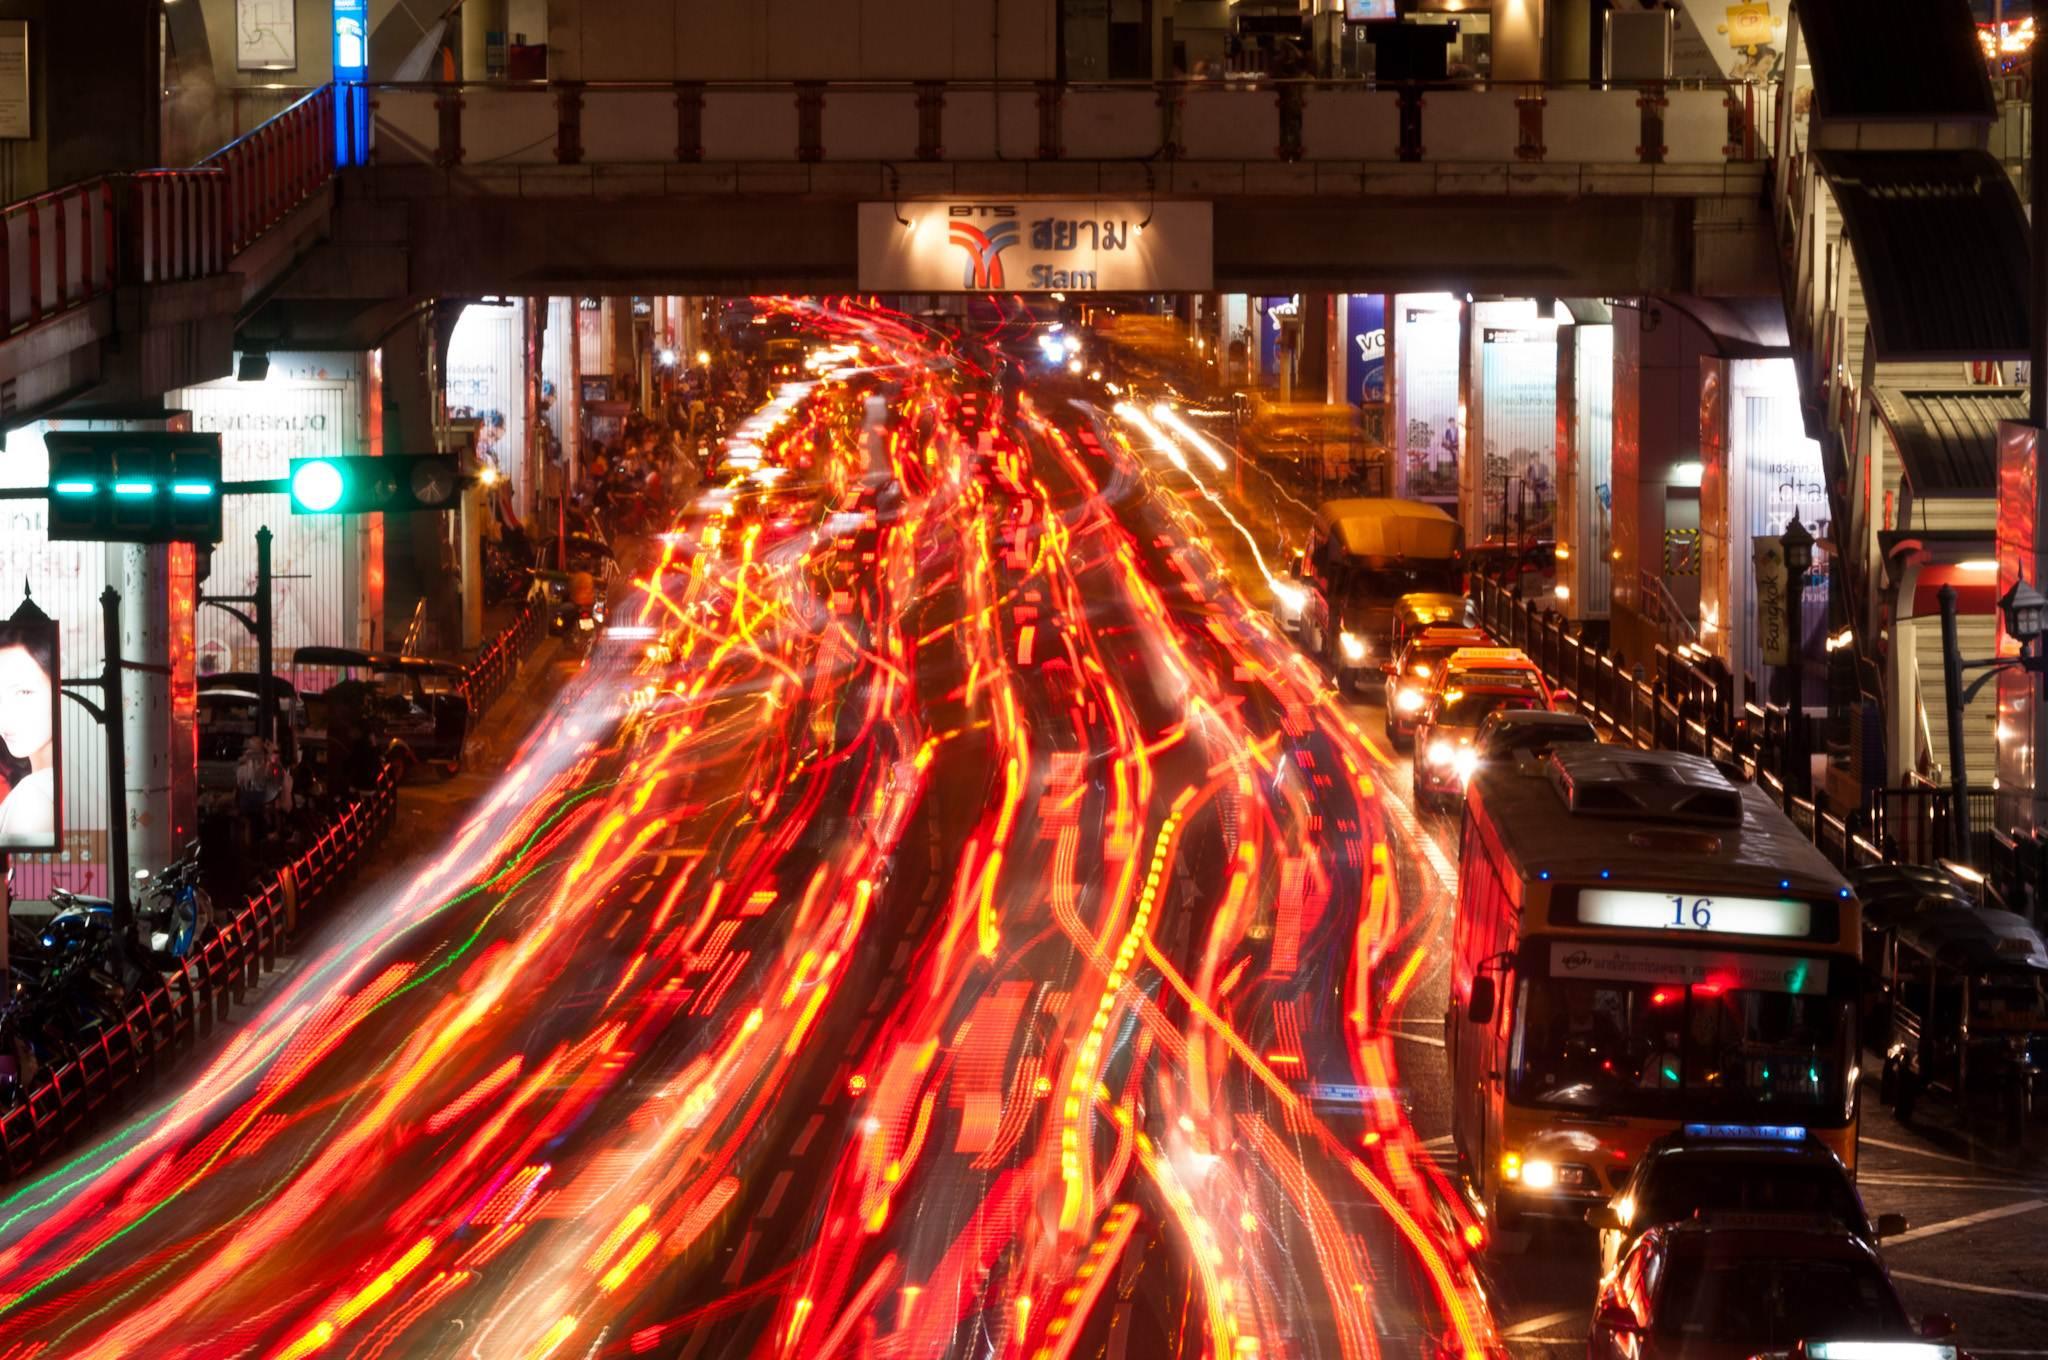 15 cara Jana Trafik blog dengan Mudah